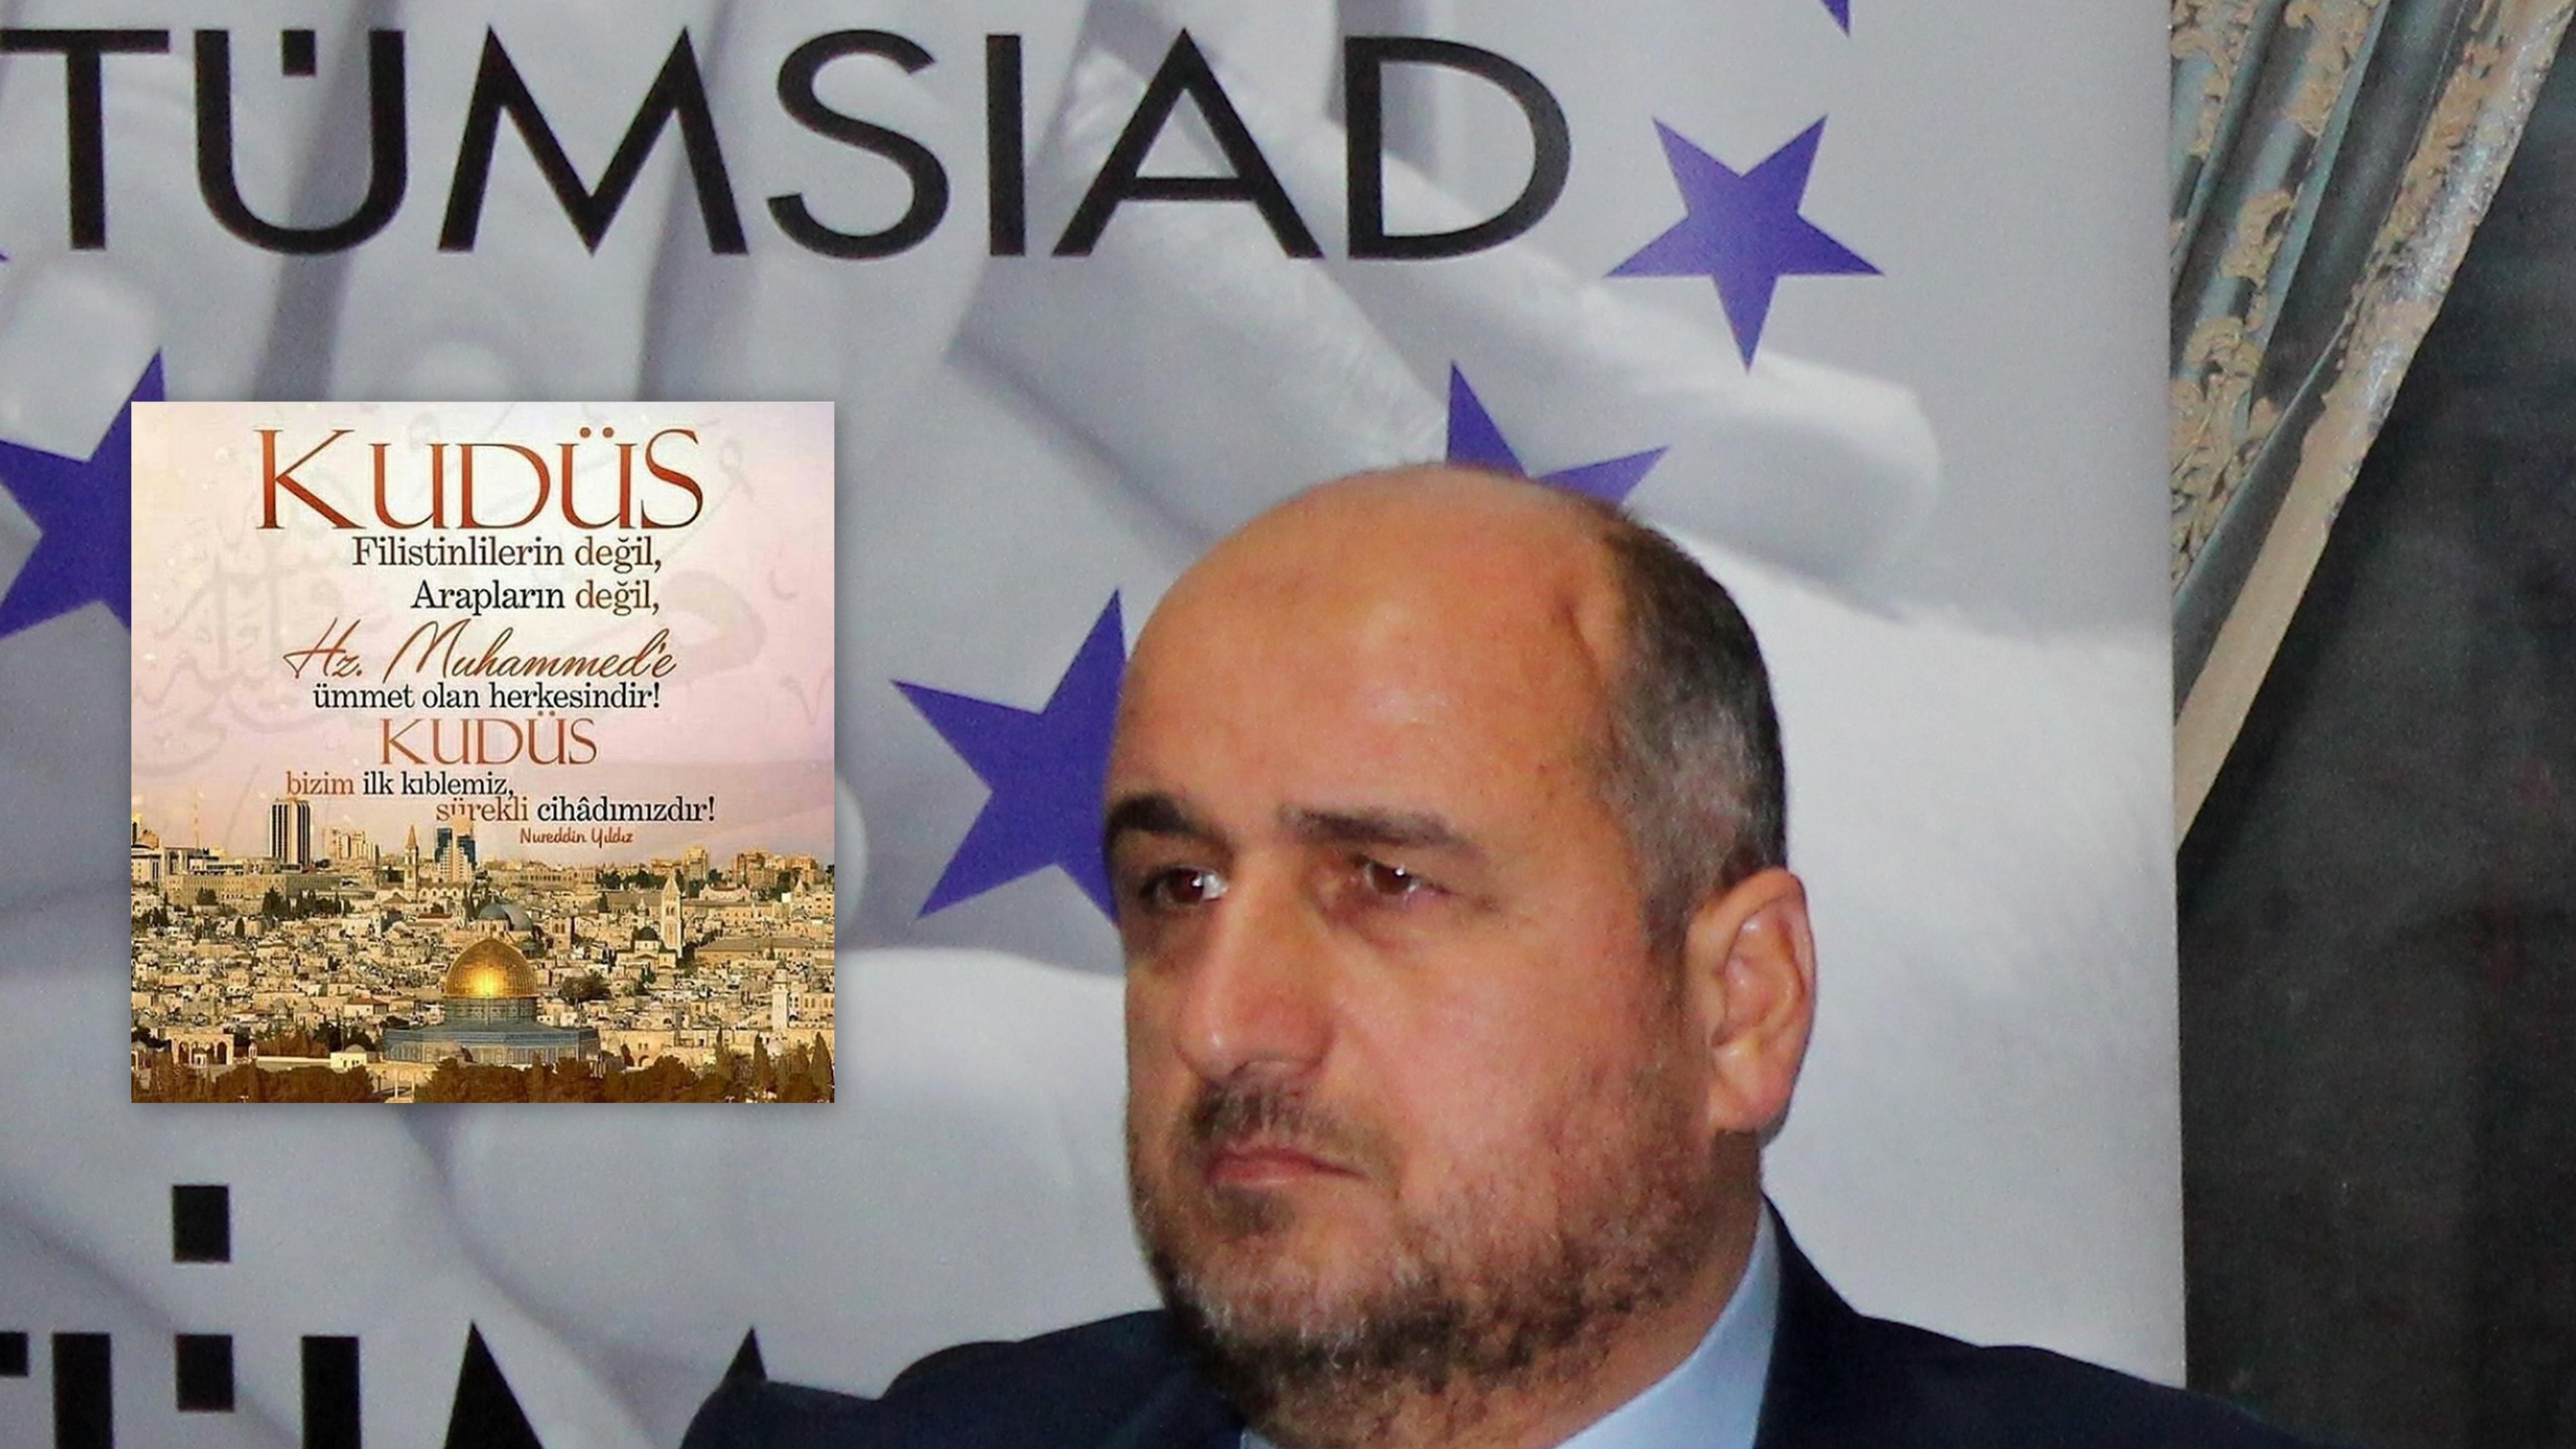 TÜMSİAD'TAN KUDÜS KARARINA SERT TEPKİ!..